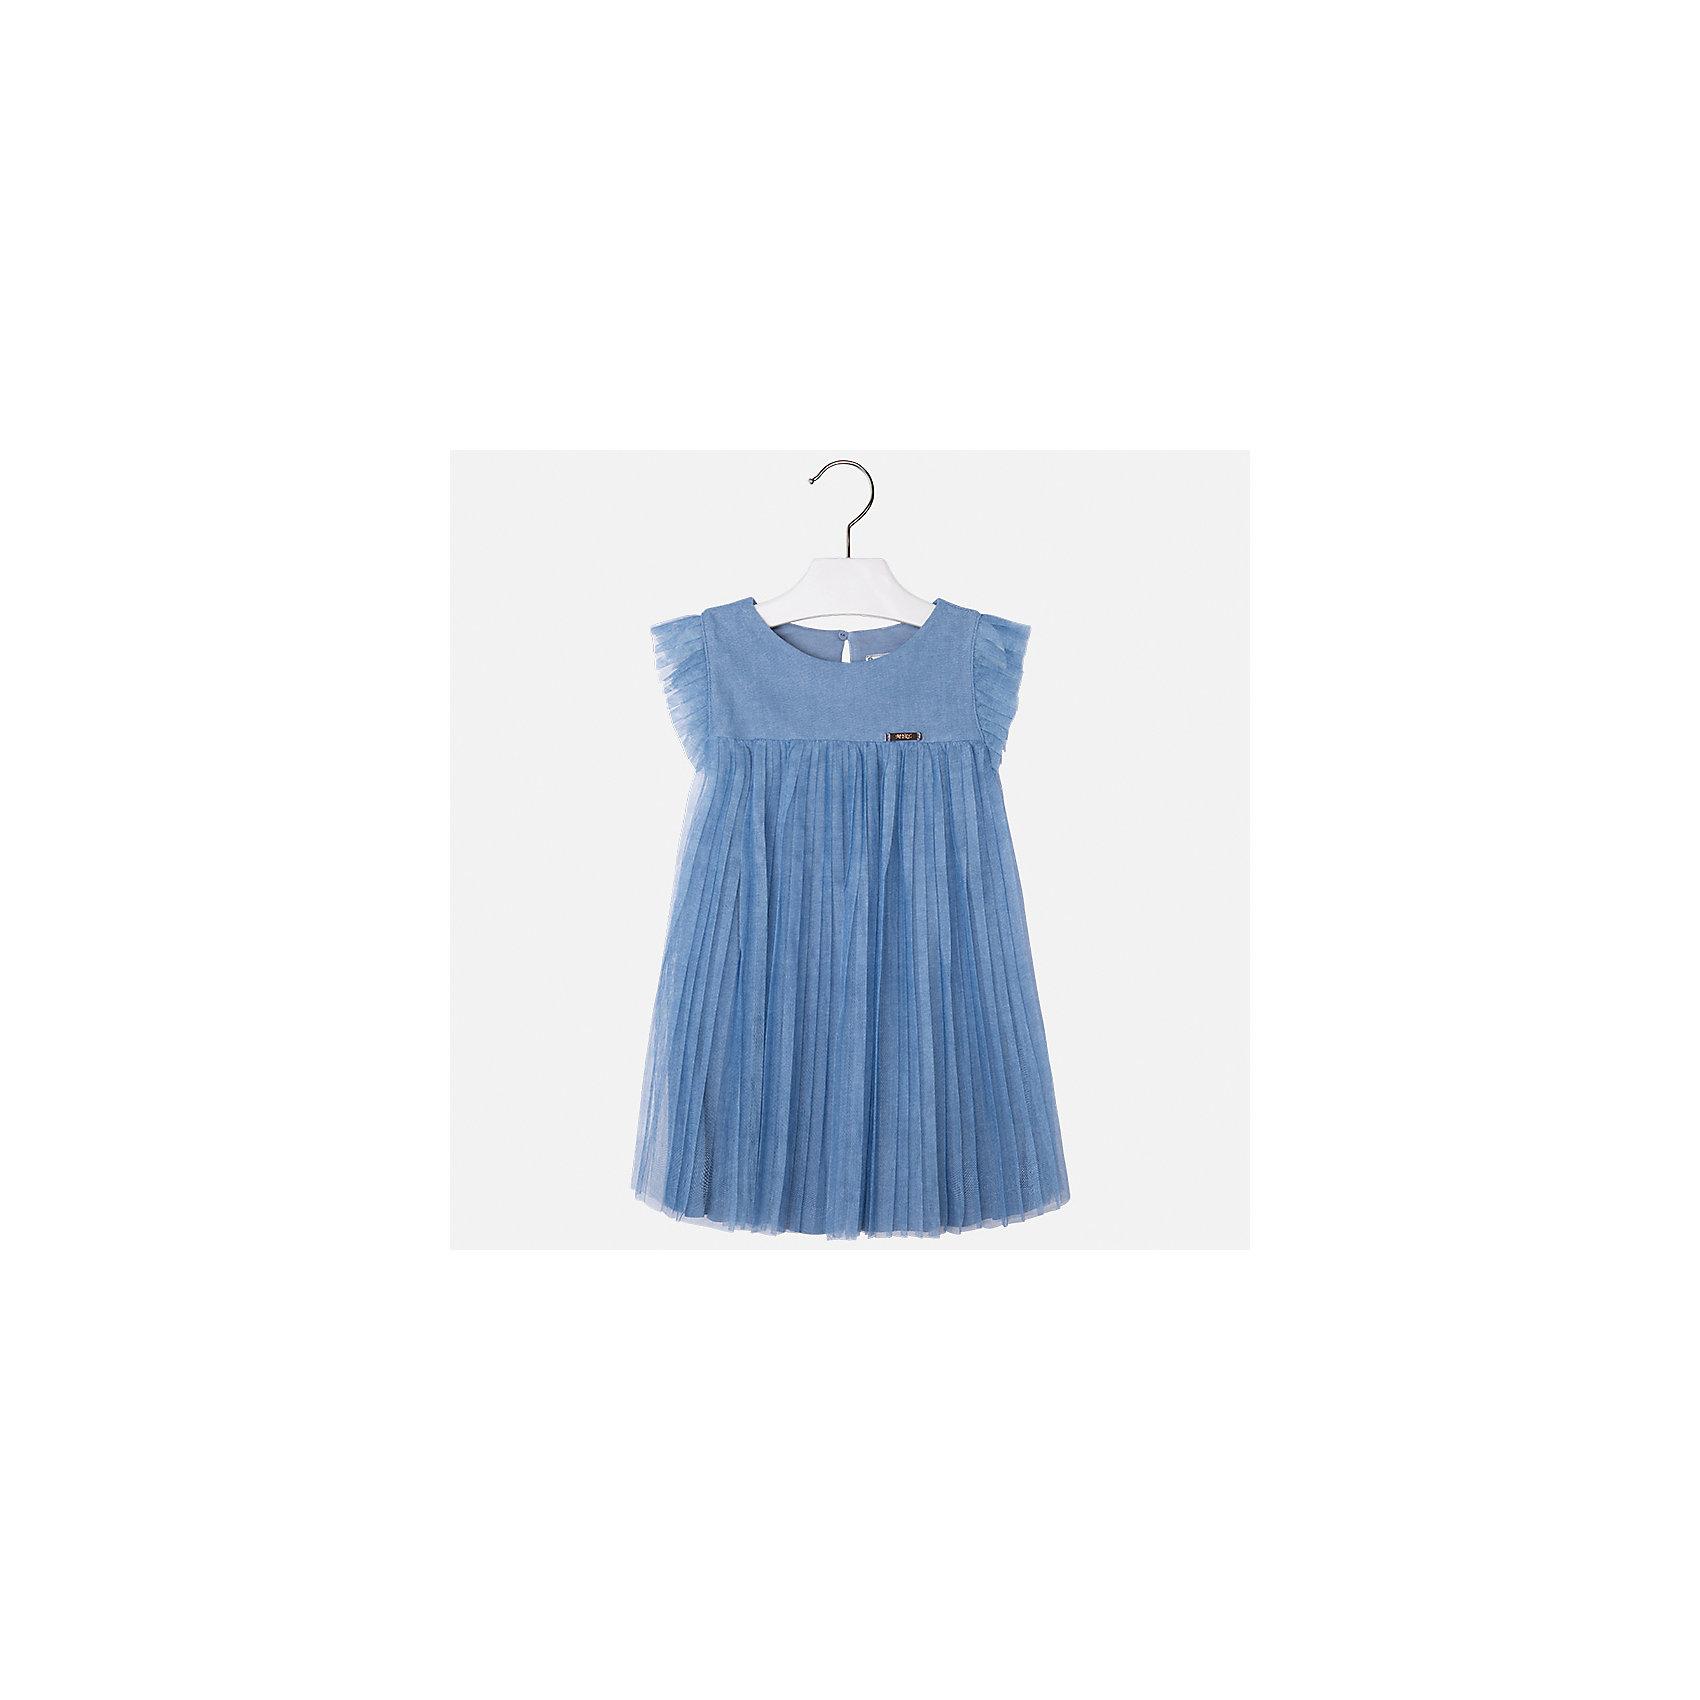 Платье для девочки MayoralОдежда<br>Характеристики товара:<br><br>• цвет: голубой<br>• состав: 100% полиэстер, подкладка - 100% вискоза<br>• завышенная талия<br>• плиссированный подол<br>• короткие рукава<br>• с подкладкой<br>• страна бренда: Испания<br><br>Модное красивое платье для девочки поможет разнообразить гардероб ребенка и создать эффектный наряд. Оно отлично подойдет для различных случаев. Красивый оттенок позволяет подобрать к вещи обувь разных расцветок. Платье хорошо сидит по фигуре.<br><br>Одежда, обувь и аксессуары от испанского бренда Mayoral полюбились детям и взрослым по всему миру. Модели этой марки - стильные и удобные. Для их производства используются только безопасные, качественные материалы и фурнитура. Порадуйте ребенка модными и красивыми вещами от Mayoral! <br><br>Платье для девочки от испанского бренда Mayoral (Майорал) можно купить в нашем интернет-магазине.<br><br>Ширина мм: 236<br>Глубина мм: 16<br>Высота мм: 184<br>Вес г: 177<br>Цвет: голубой<br>Возраст от месяцев: 24<br>Возраст до месяцев: 36<br>Пол: Женский<br>Возраст: Детский<br>Размер: 98,134,128,122,116,110,104<br>SKU: 5291439